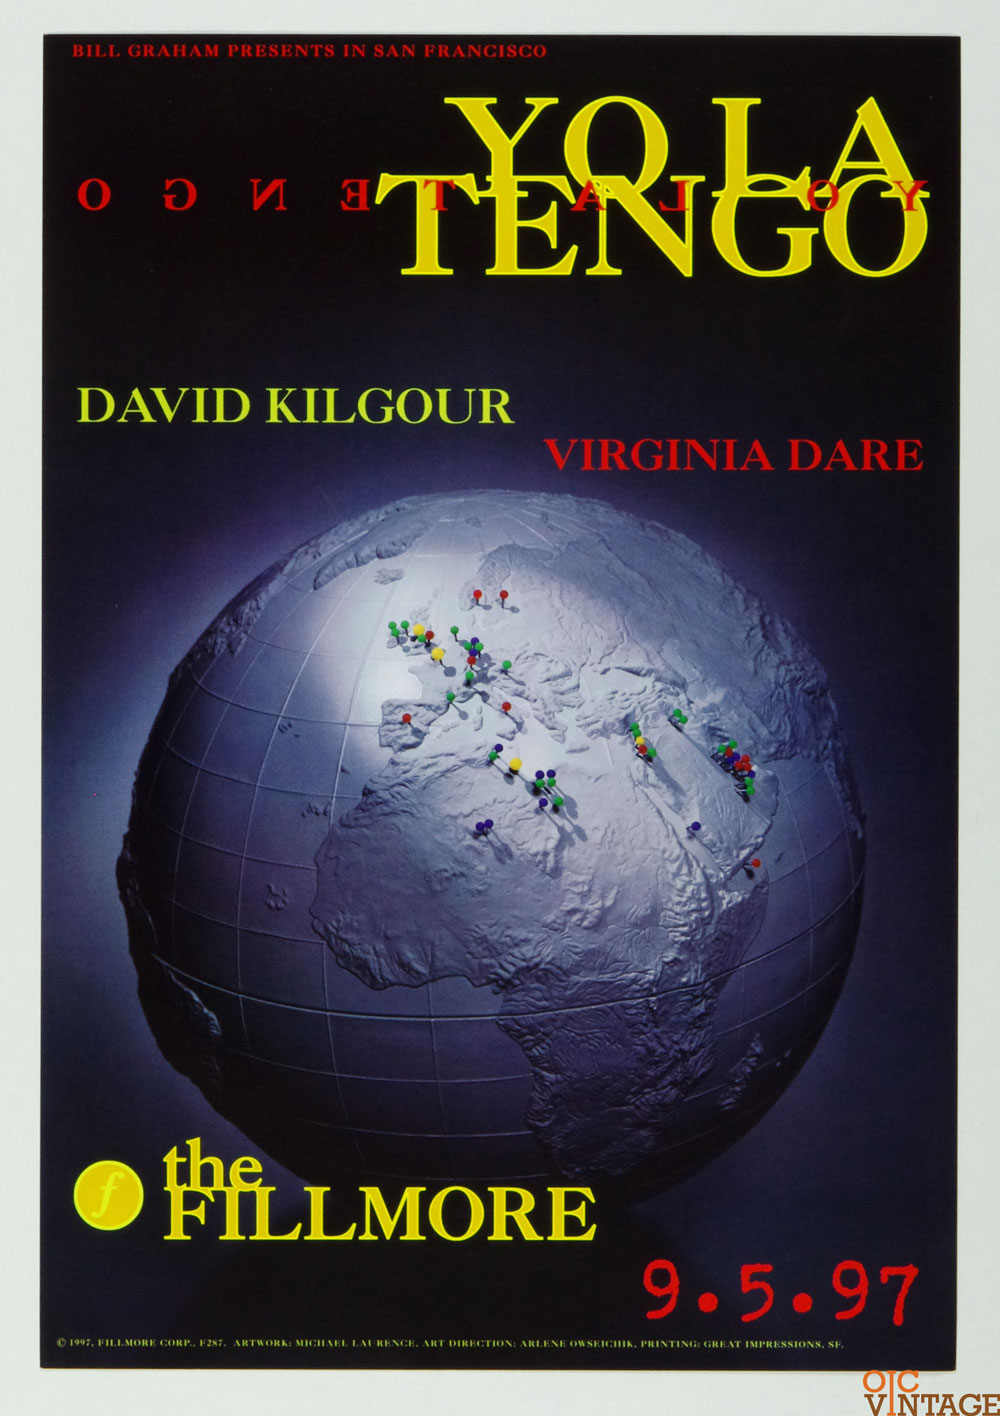 New Fillmore F287 Poster Yo La Tengo David Kigour 1997 Sep 5